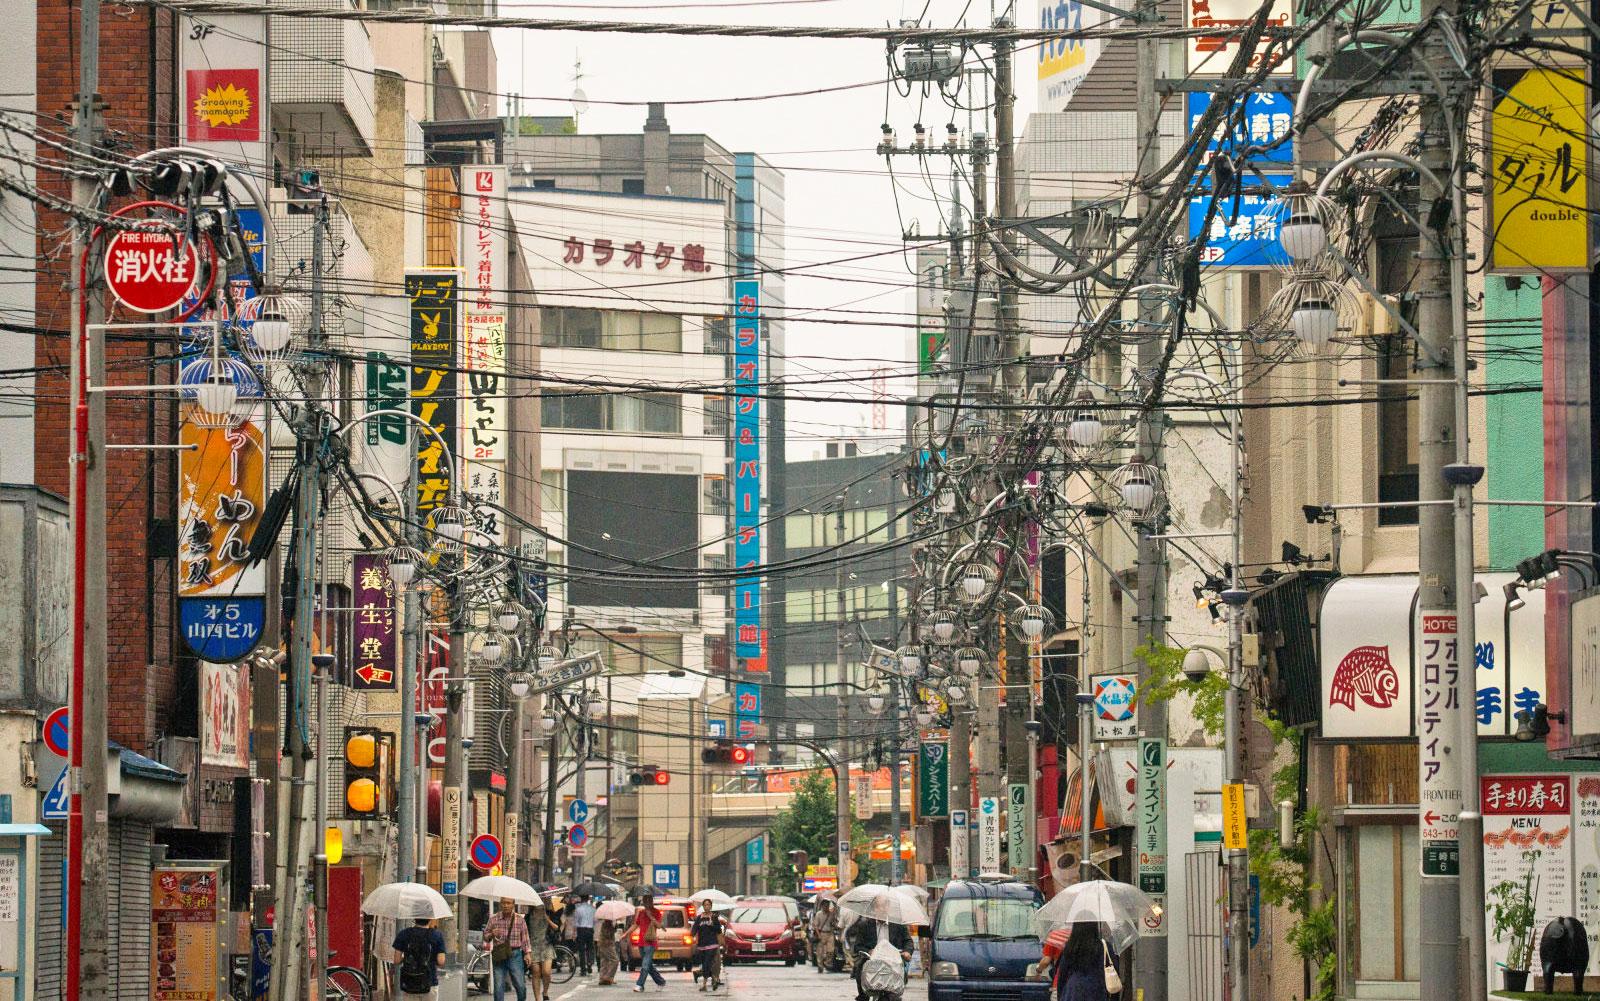 日本音乐发烧友已经到了自掏腰包安装私人电线杆的程度了